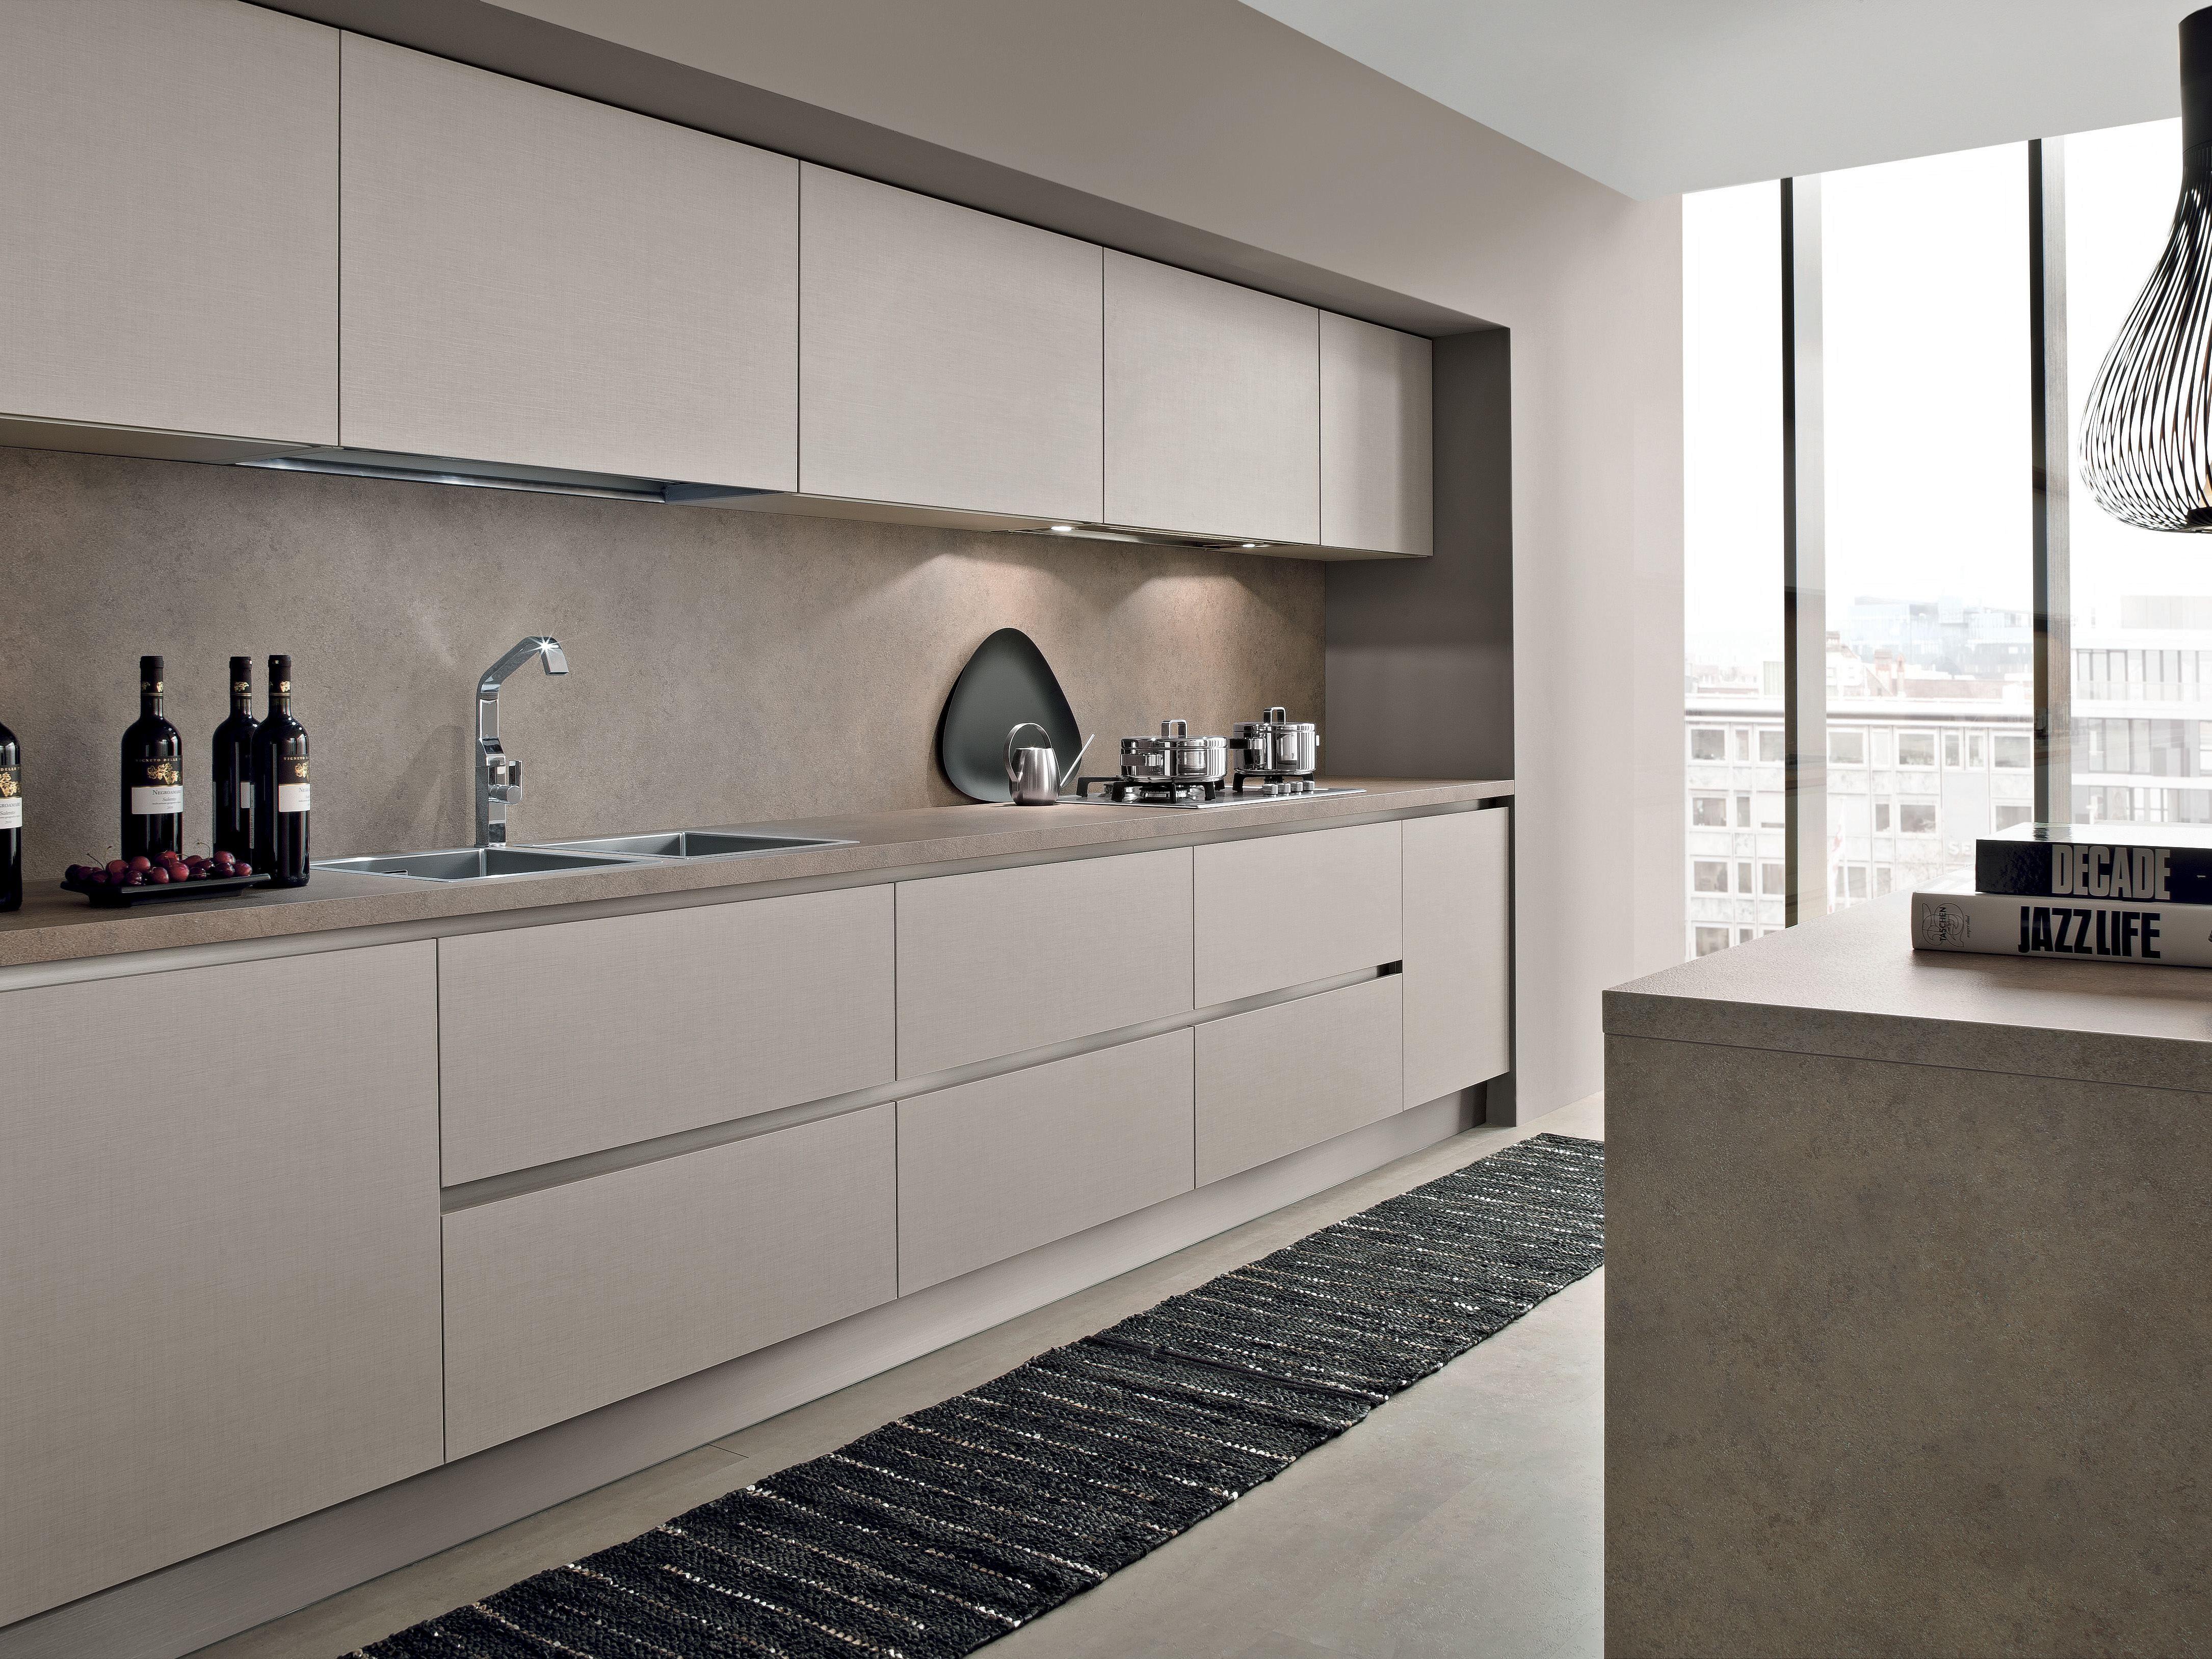 Gabinetes horizontales | Diseño de cocinas | Pinterest | Cocinas ...